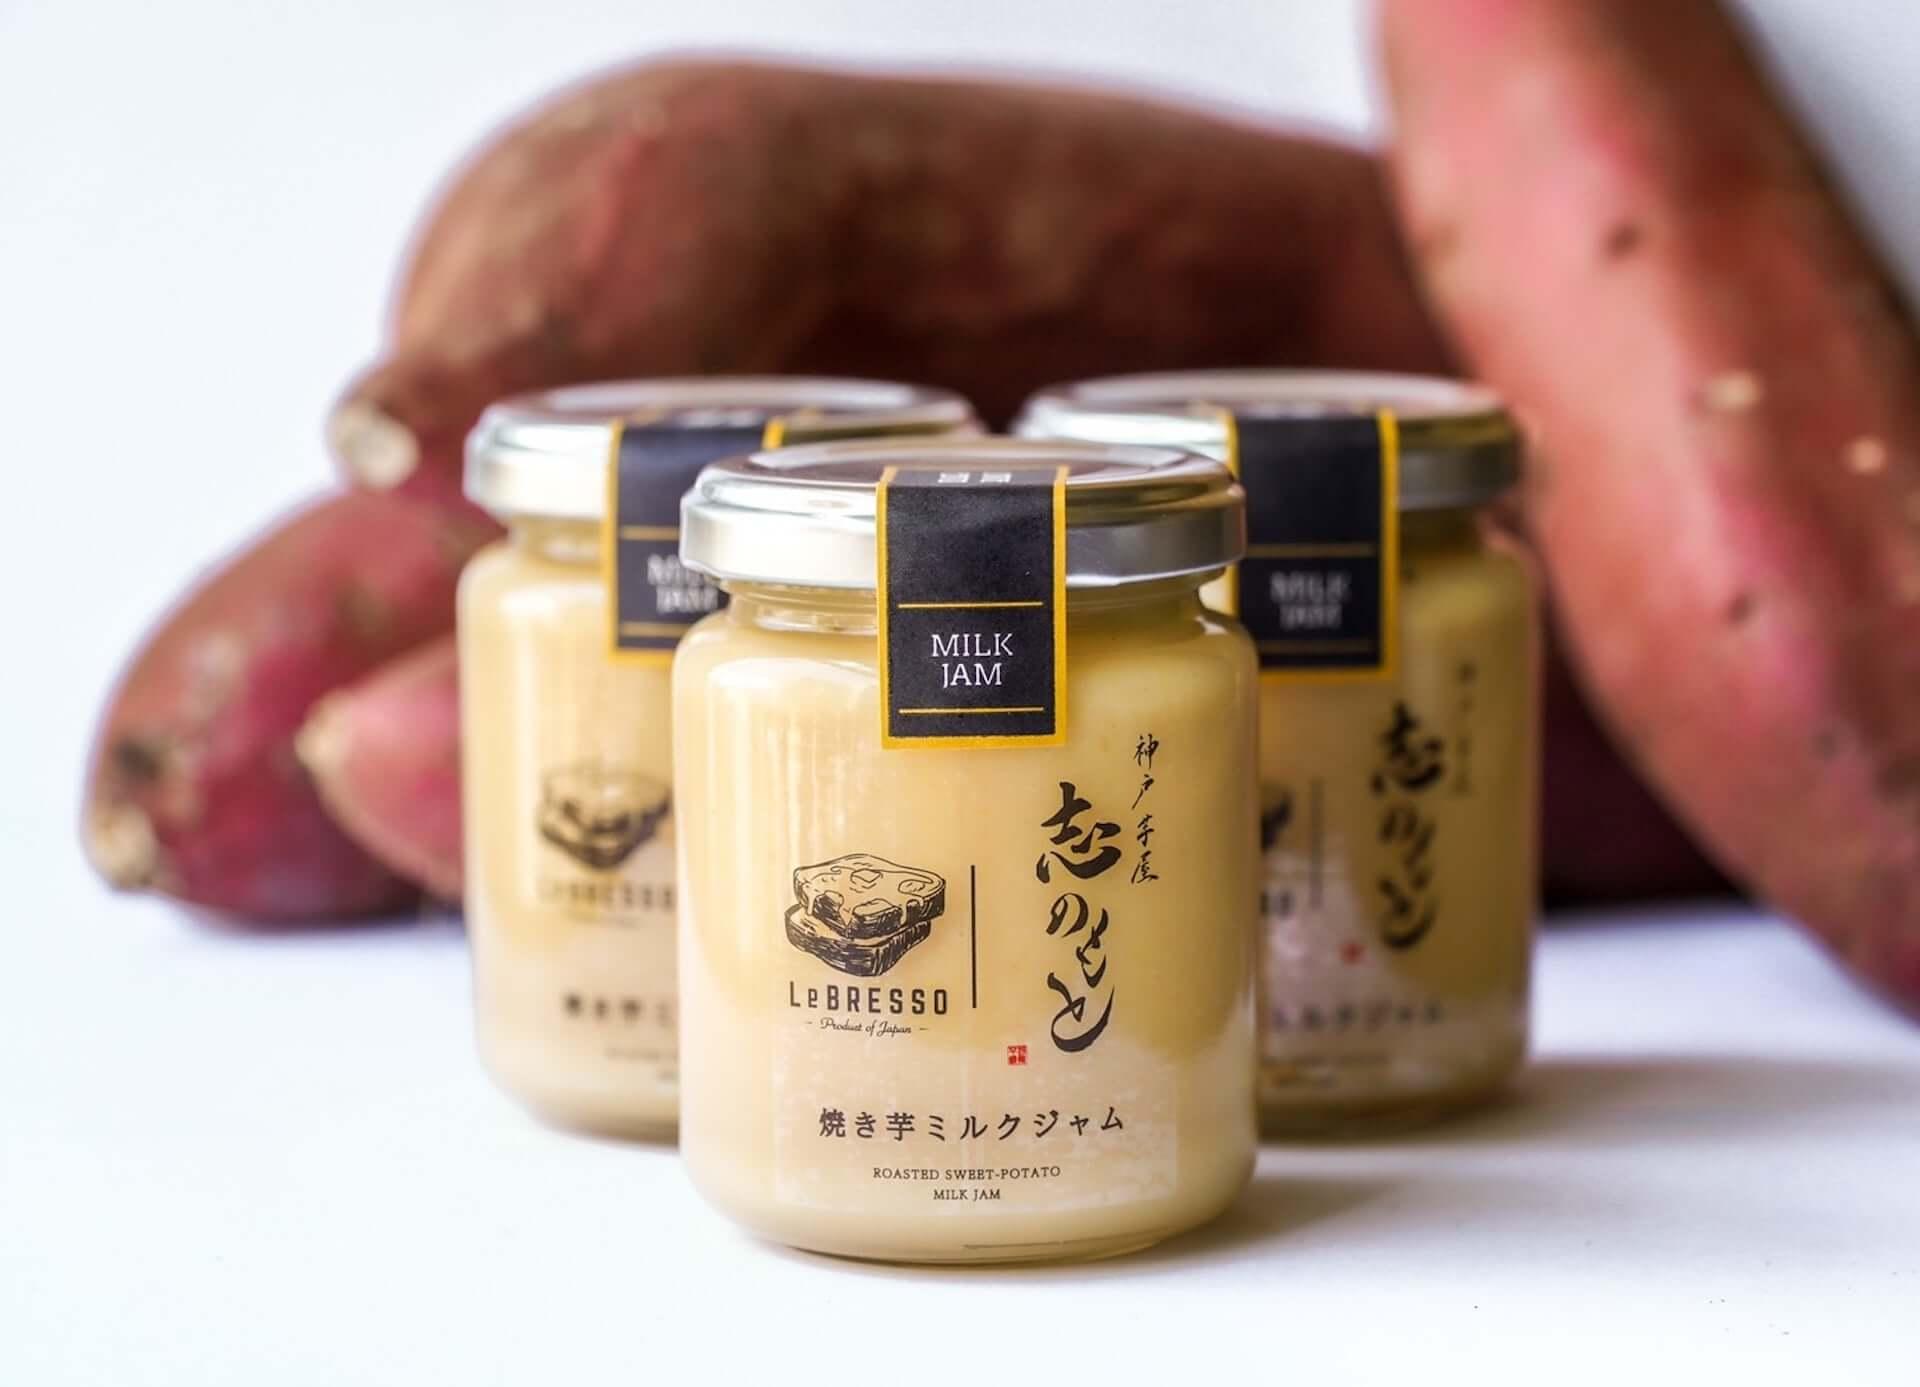 秋の味覚焼き芋をメインにした限定商品が登場!「レブレッソ」と「神戸芋屋 志のもと」のコラボ商品『焼き芋&バニラアイストースト』と『焼き芋ミルクジャム』が発売 gourmet201012_lebresso_2-1920x1387